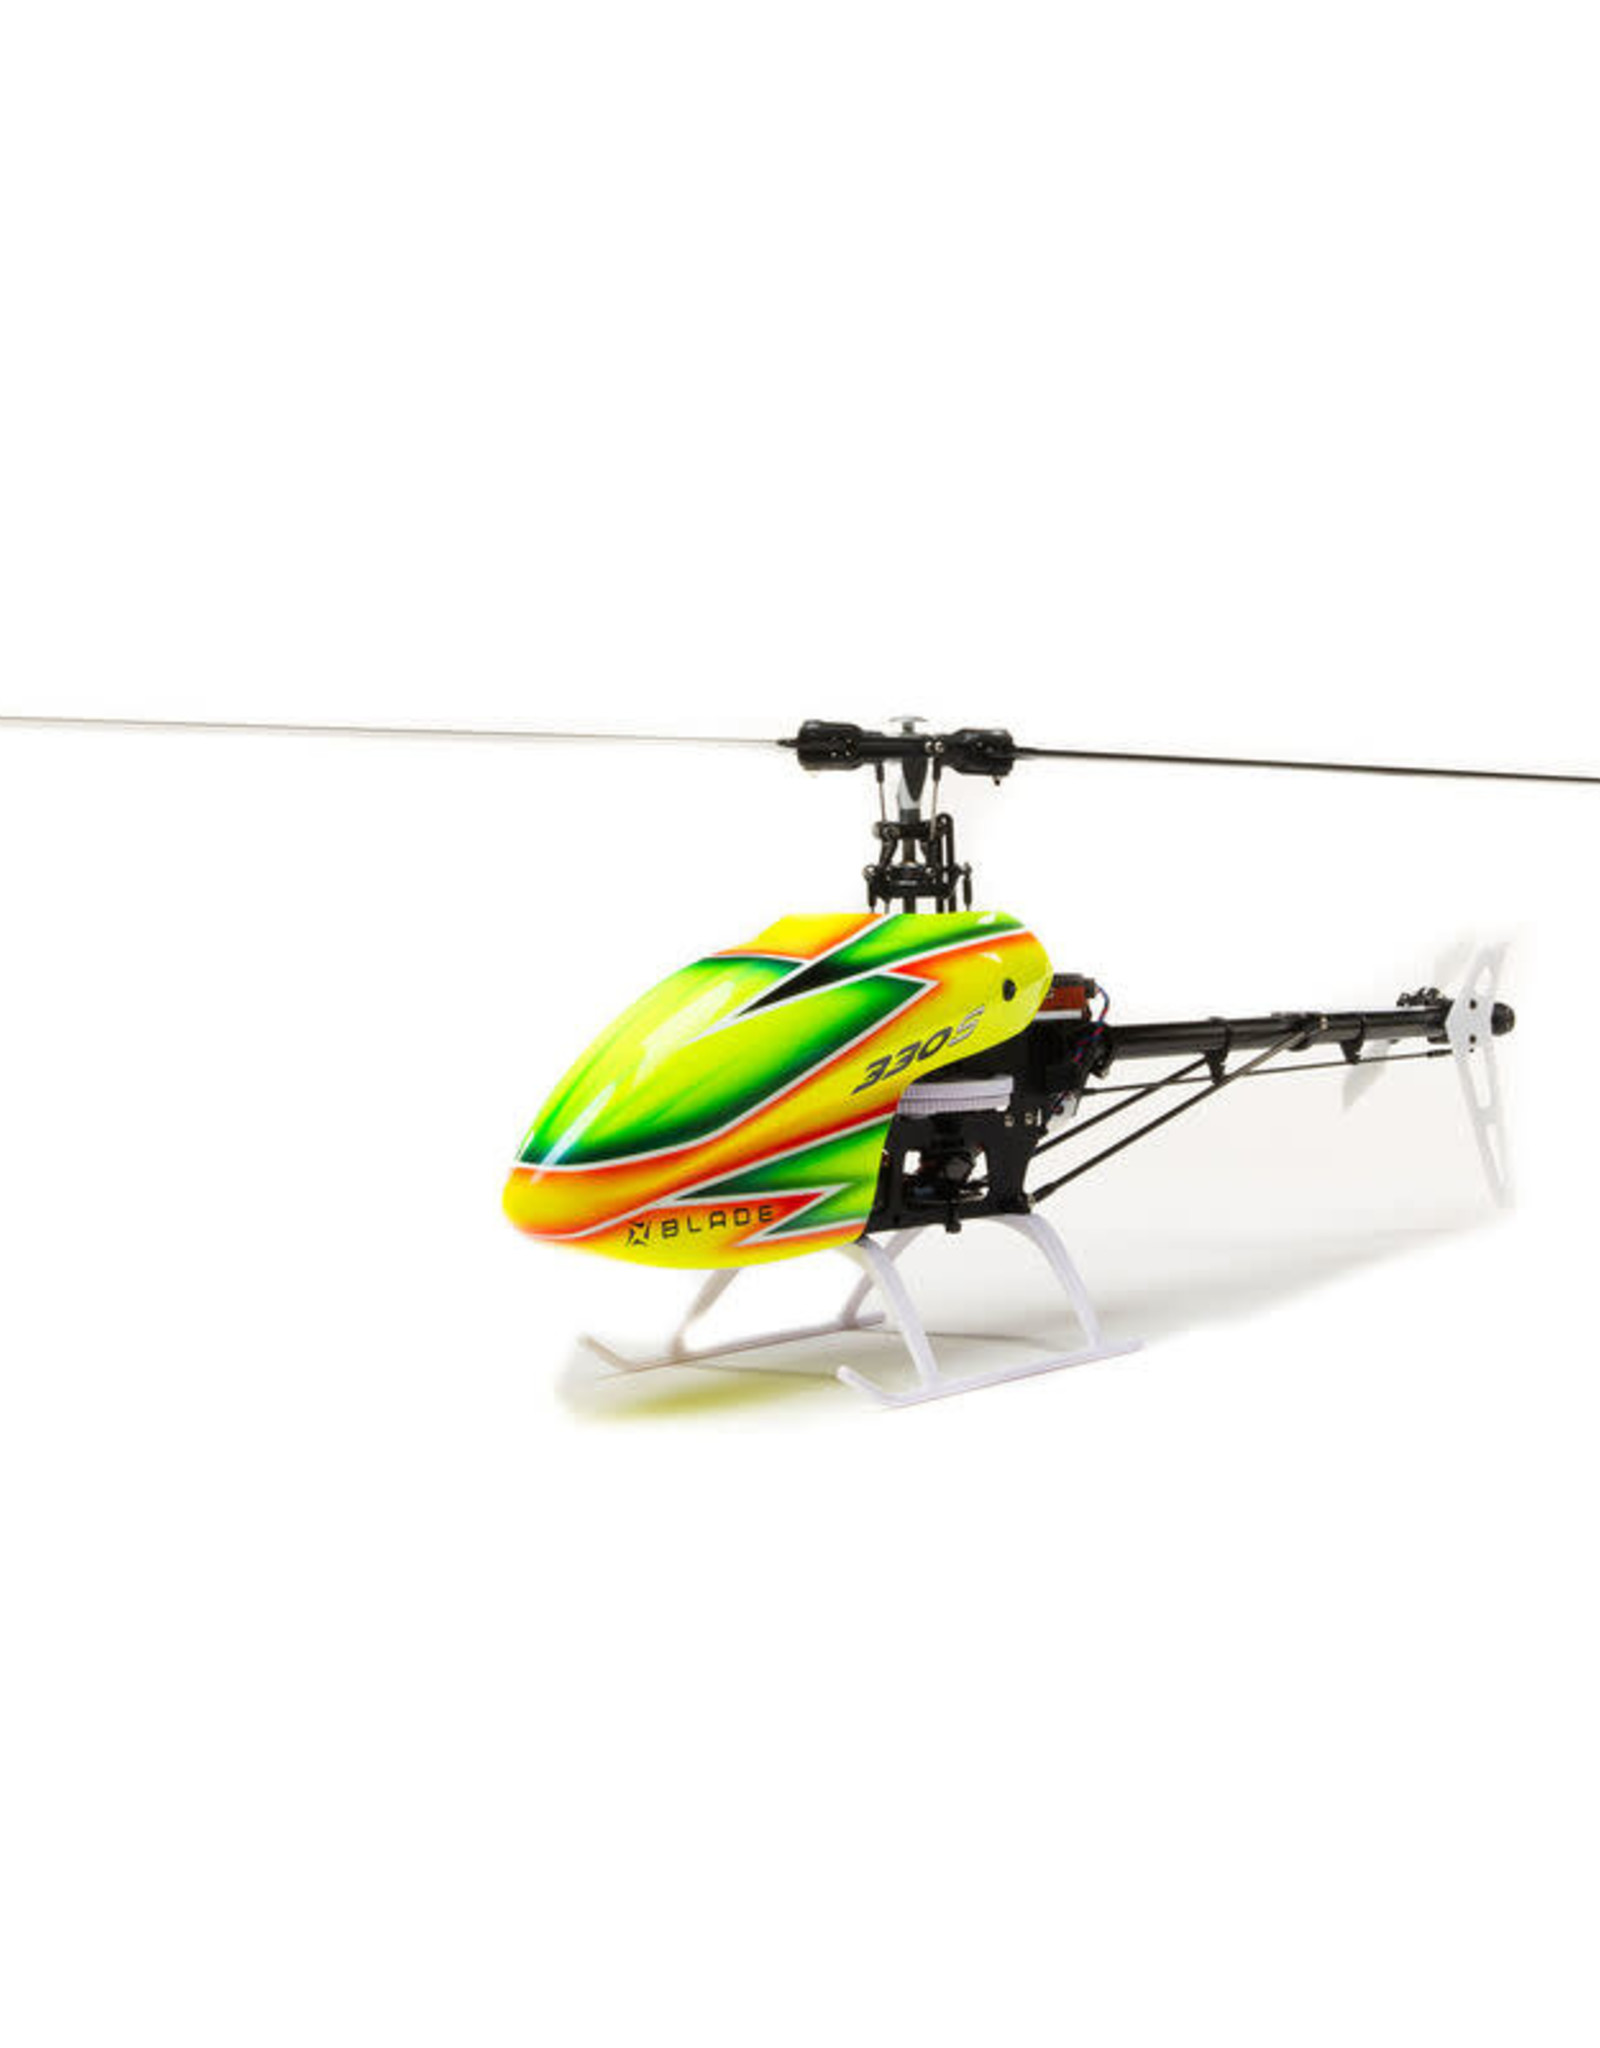 Blade BLH5900330 S RTF